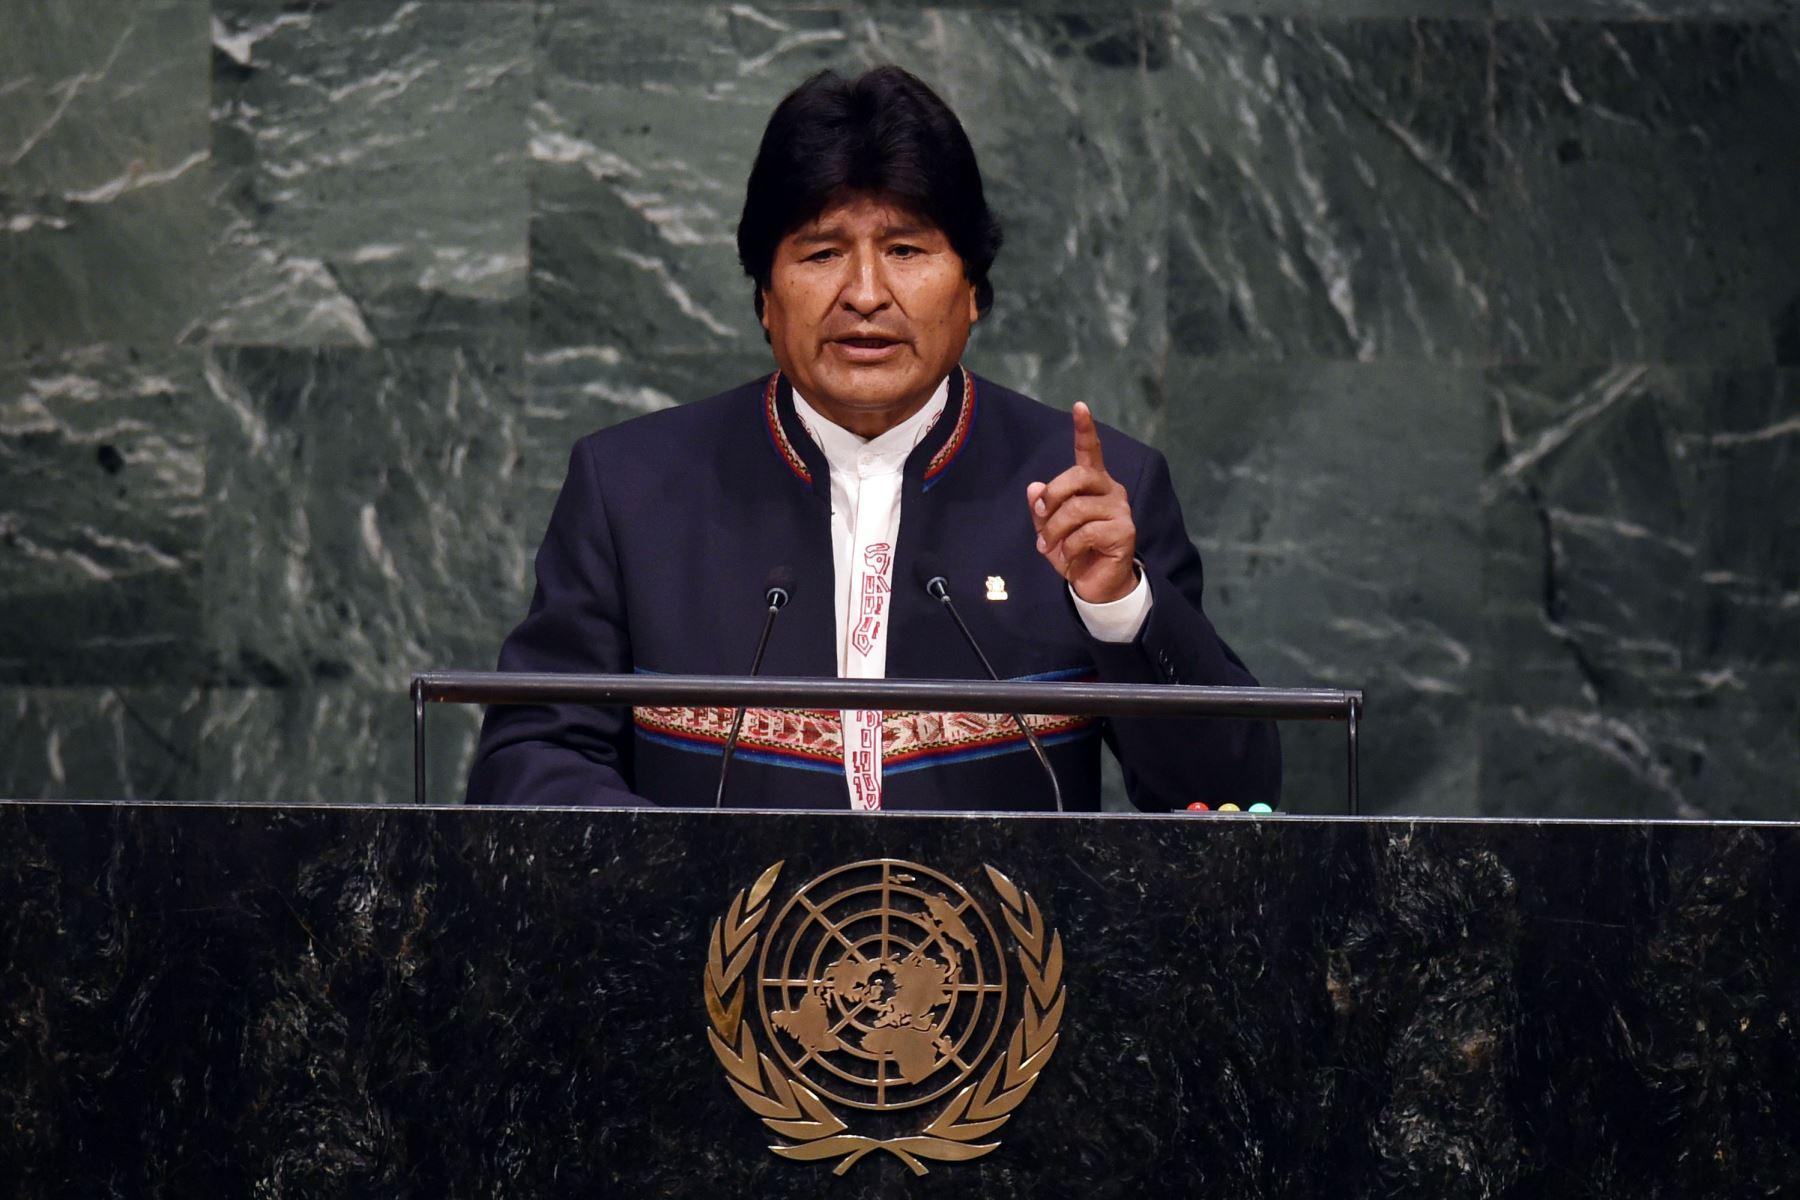 El presidente boliviano, Evo Morales Ayma, habla durante la Cumbre de Desarrollo Sostenible de las Naciones Unidas en la Asamblea General de las Naciones Unidas en Nueva York. Foto: AFP